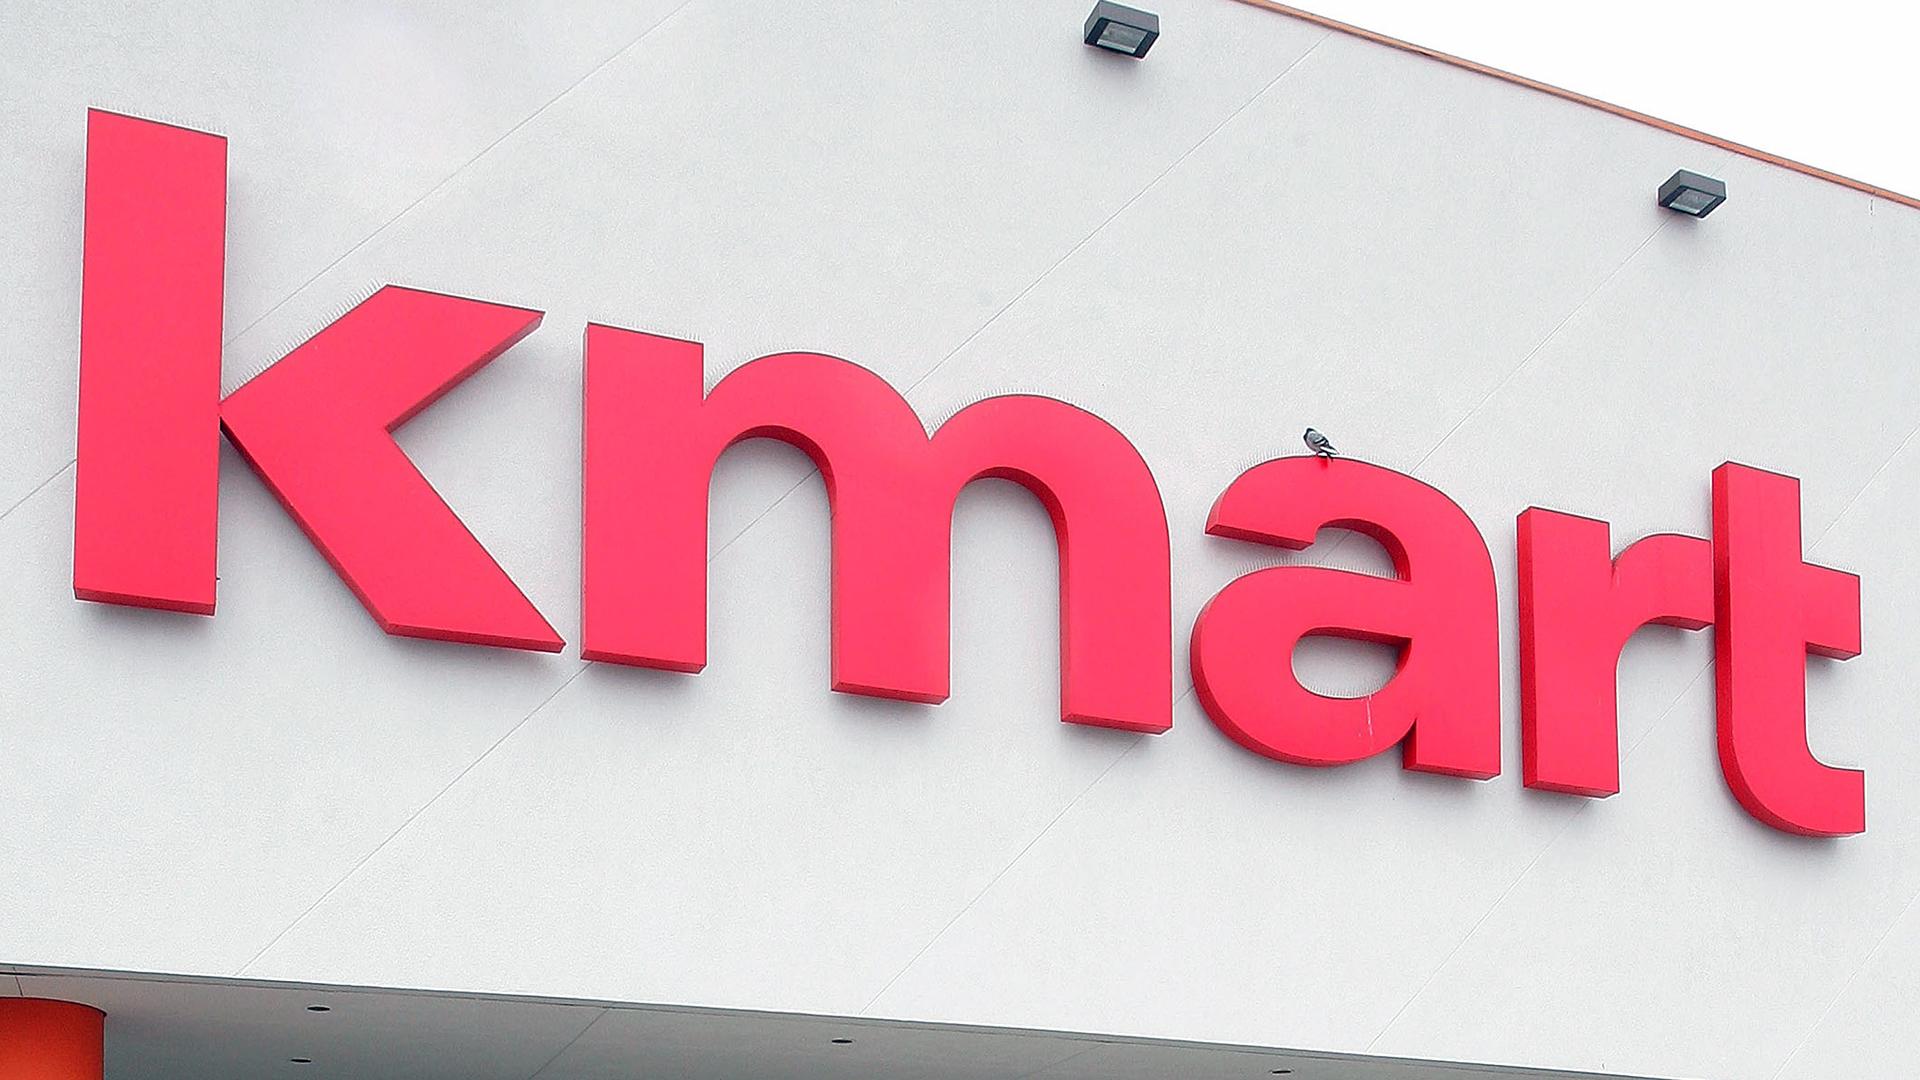 KMart store sign-159532.jpg10972933